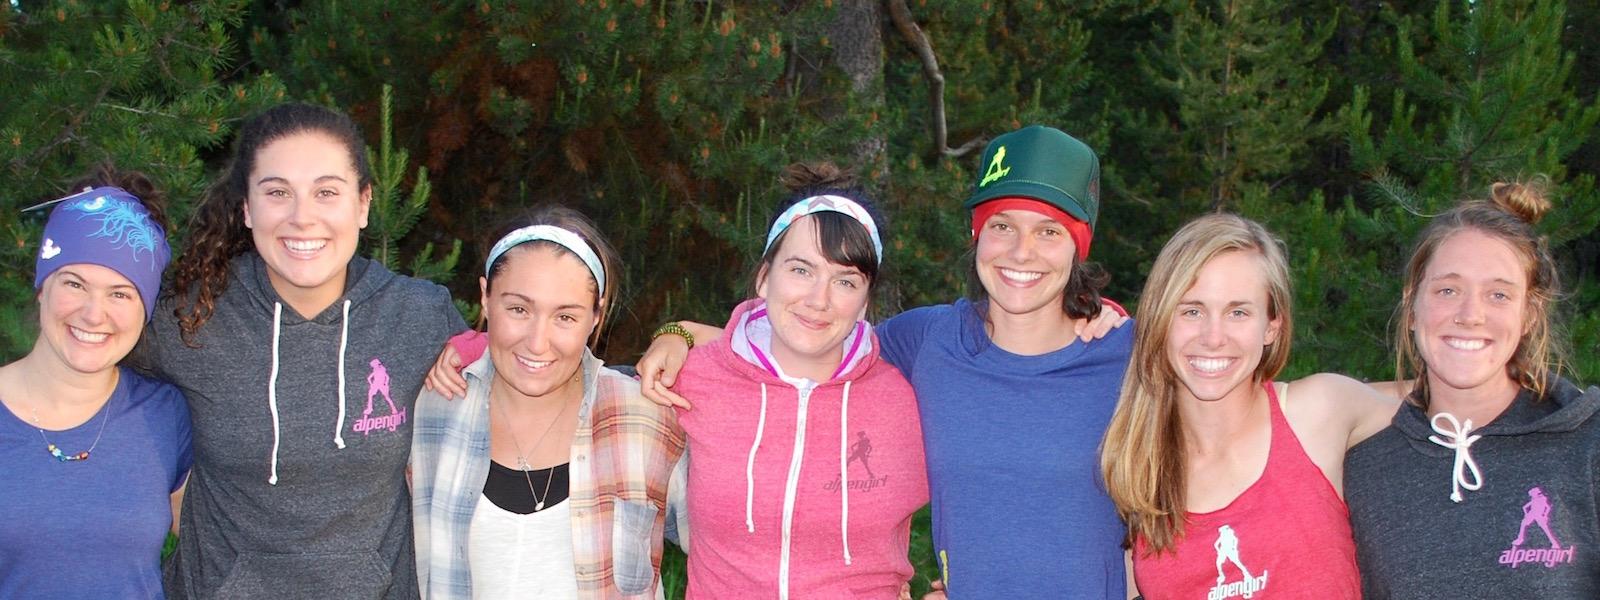 Contact Alpengirl Camp